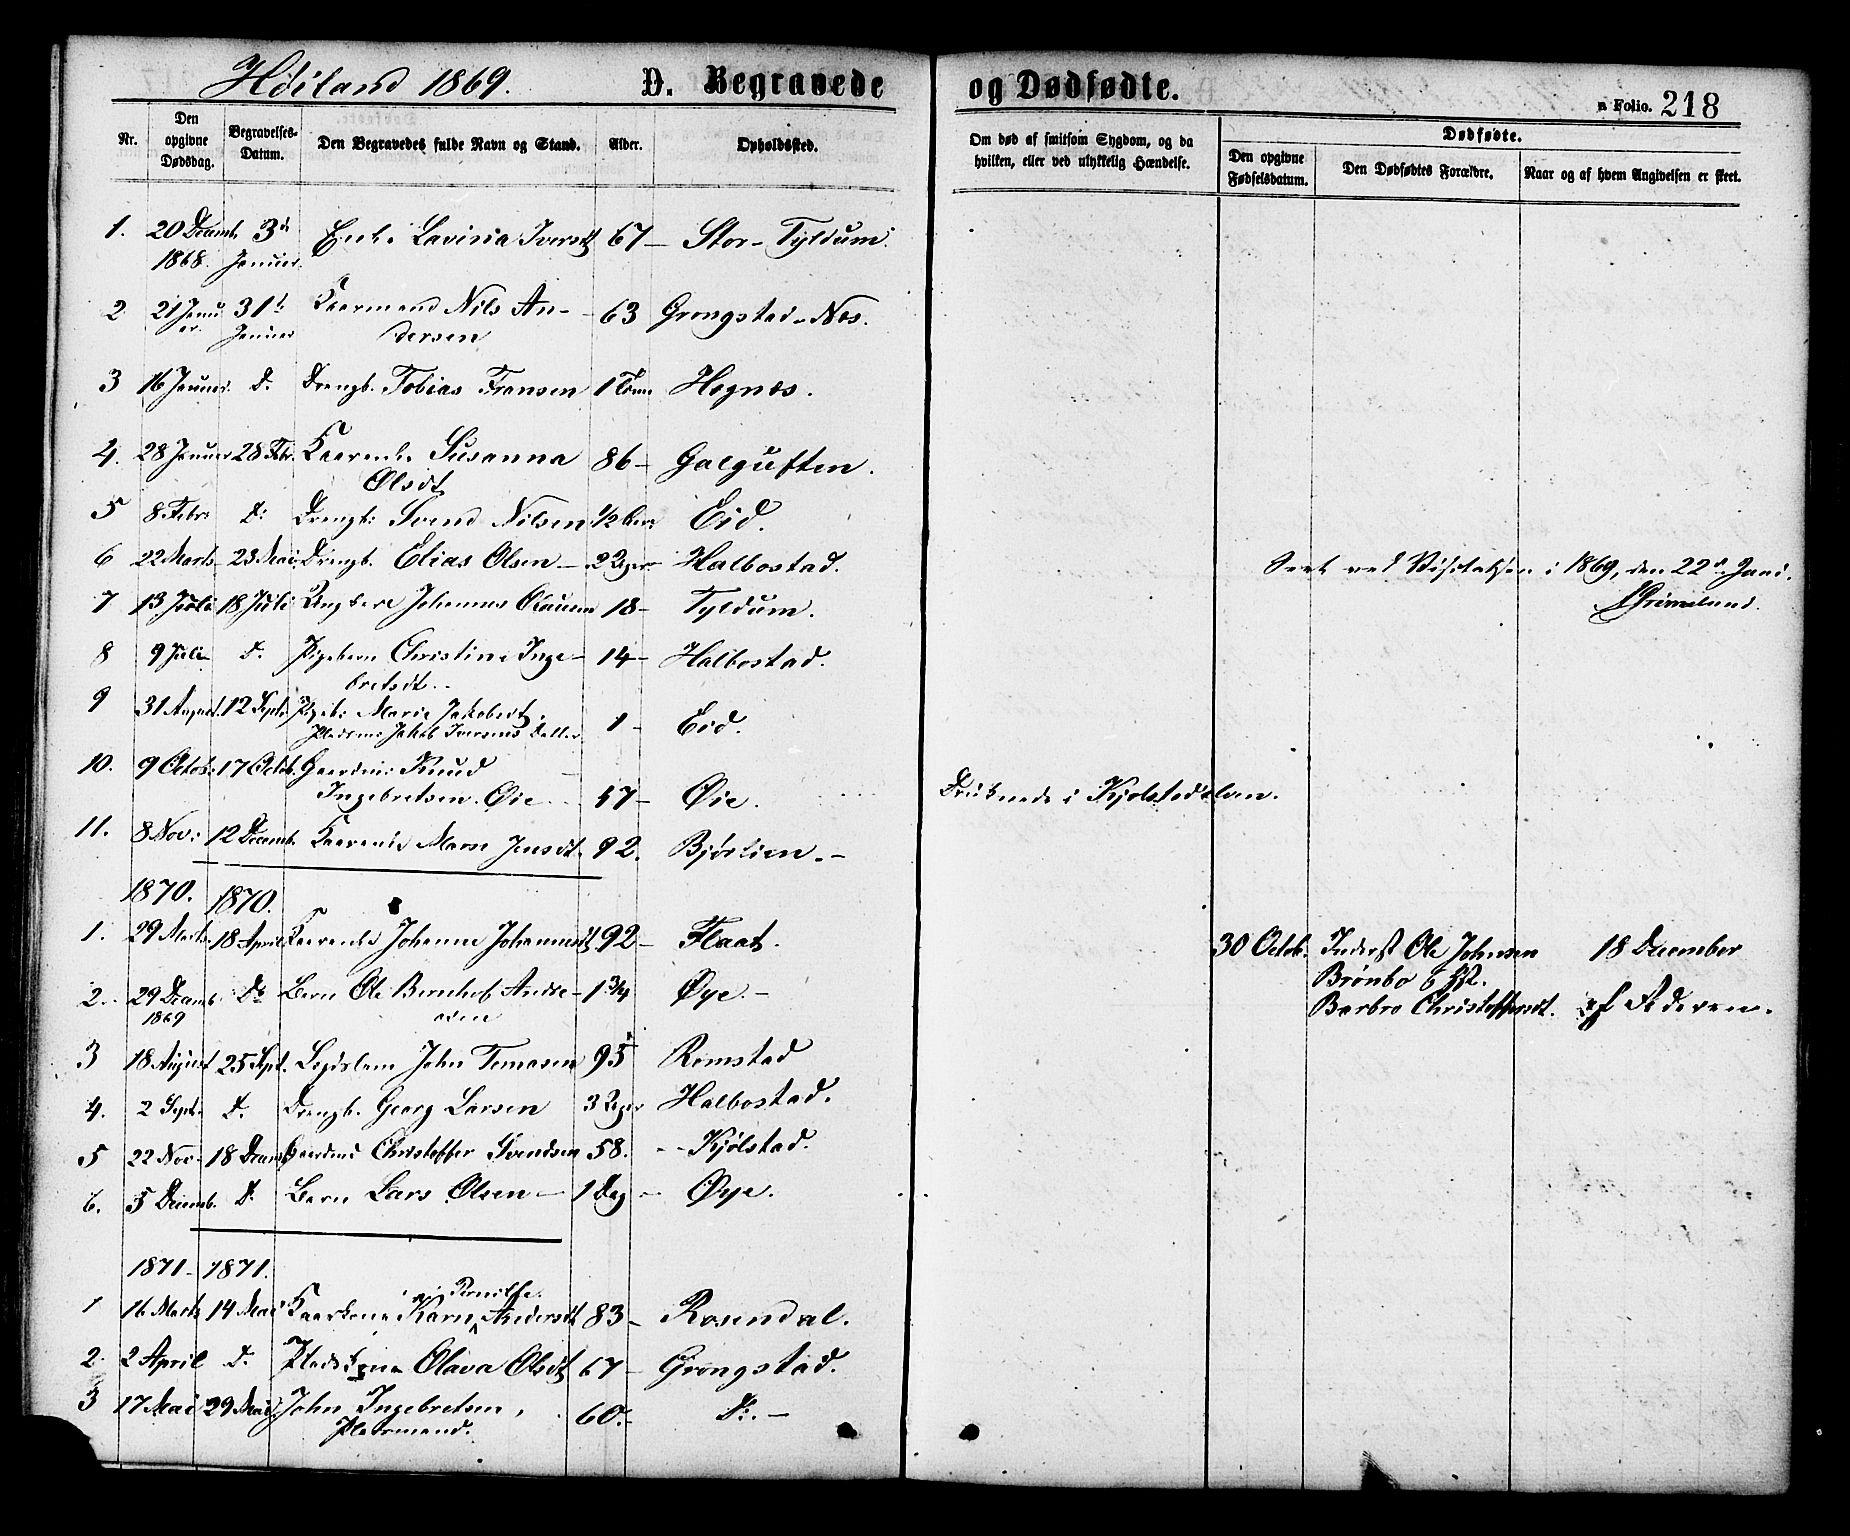 SAT, Ministerialprotokoller, klokkerbøker og fødselsregistre - Nord-Trøndelag, 758/L0516: Ministerialbok nr. 758A03 /2, 1869-1879, s. 218